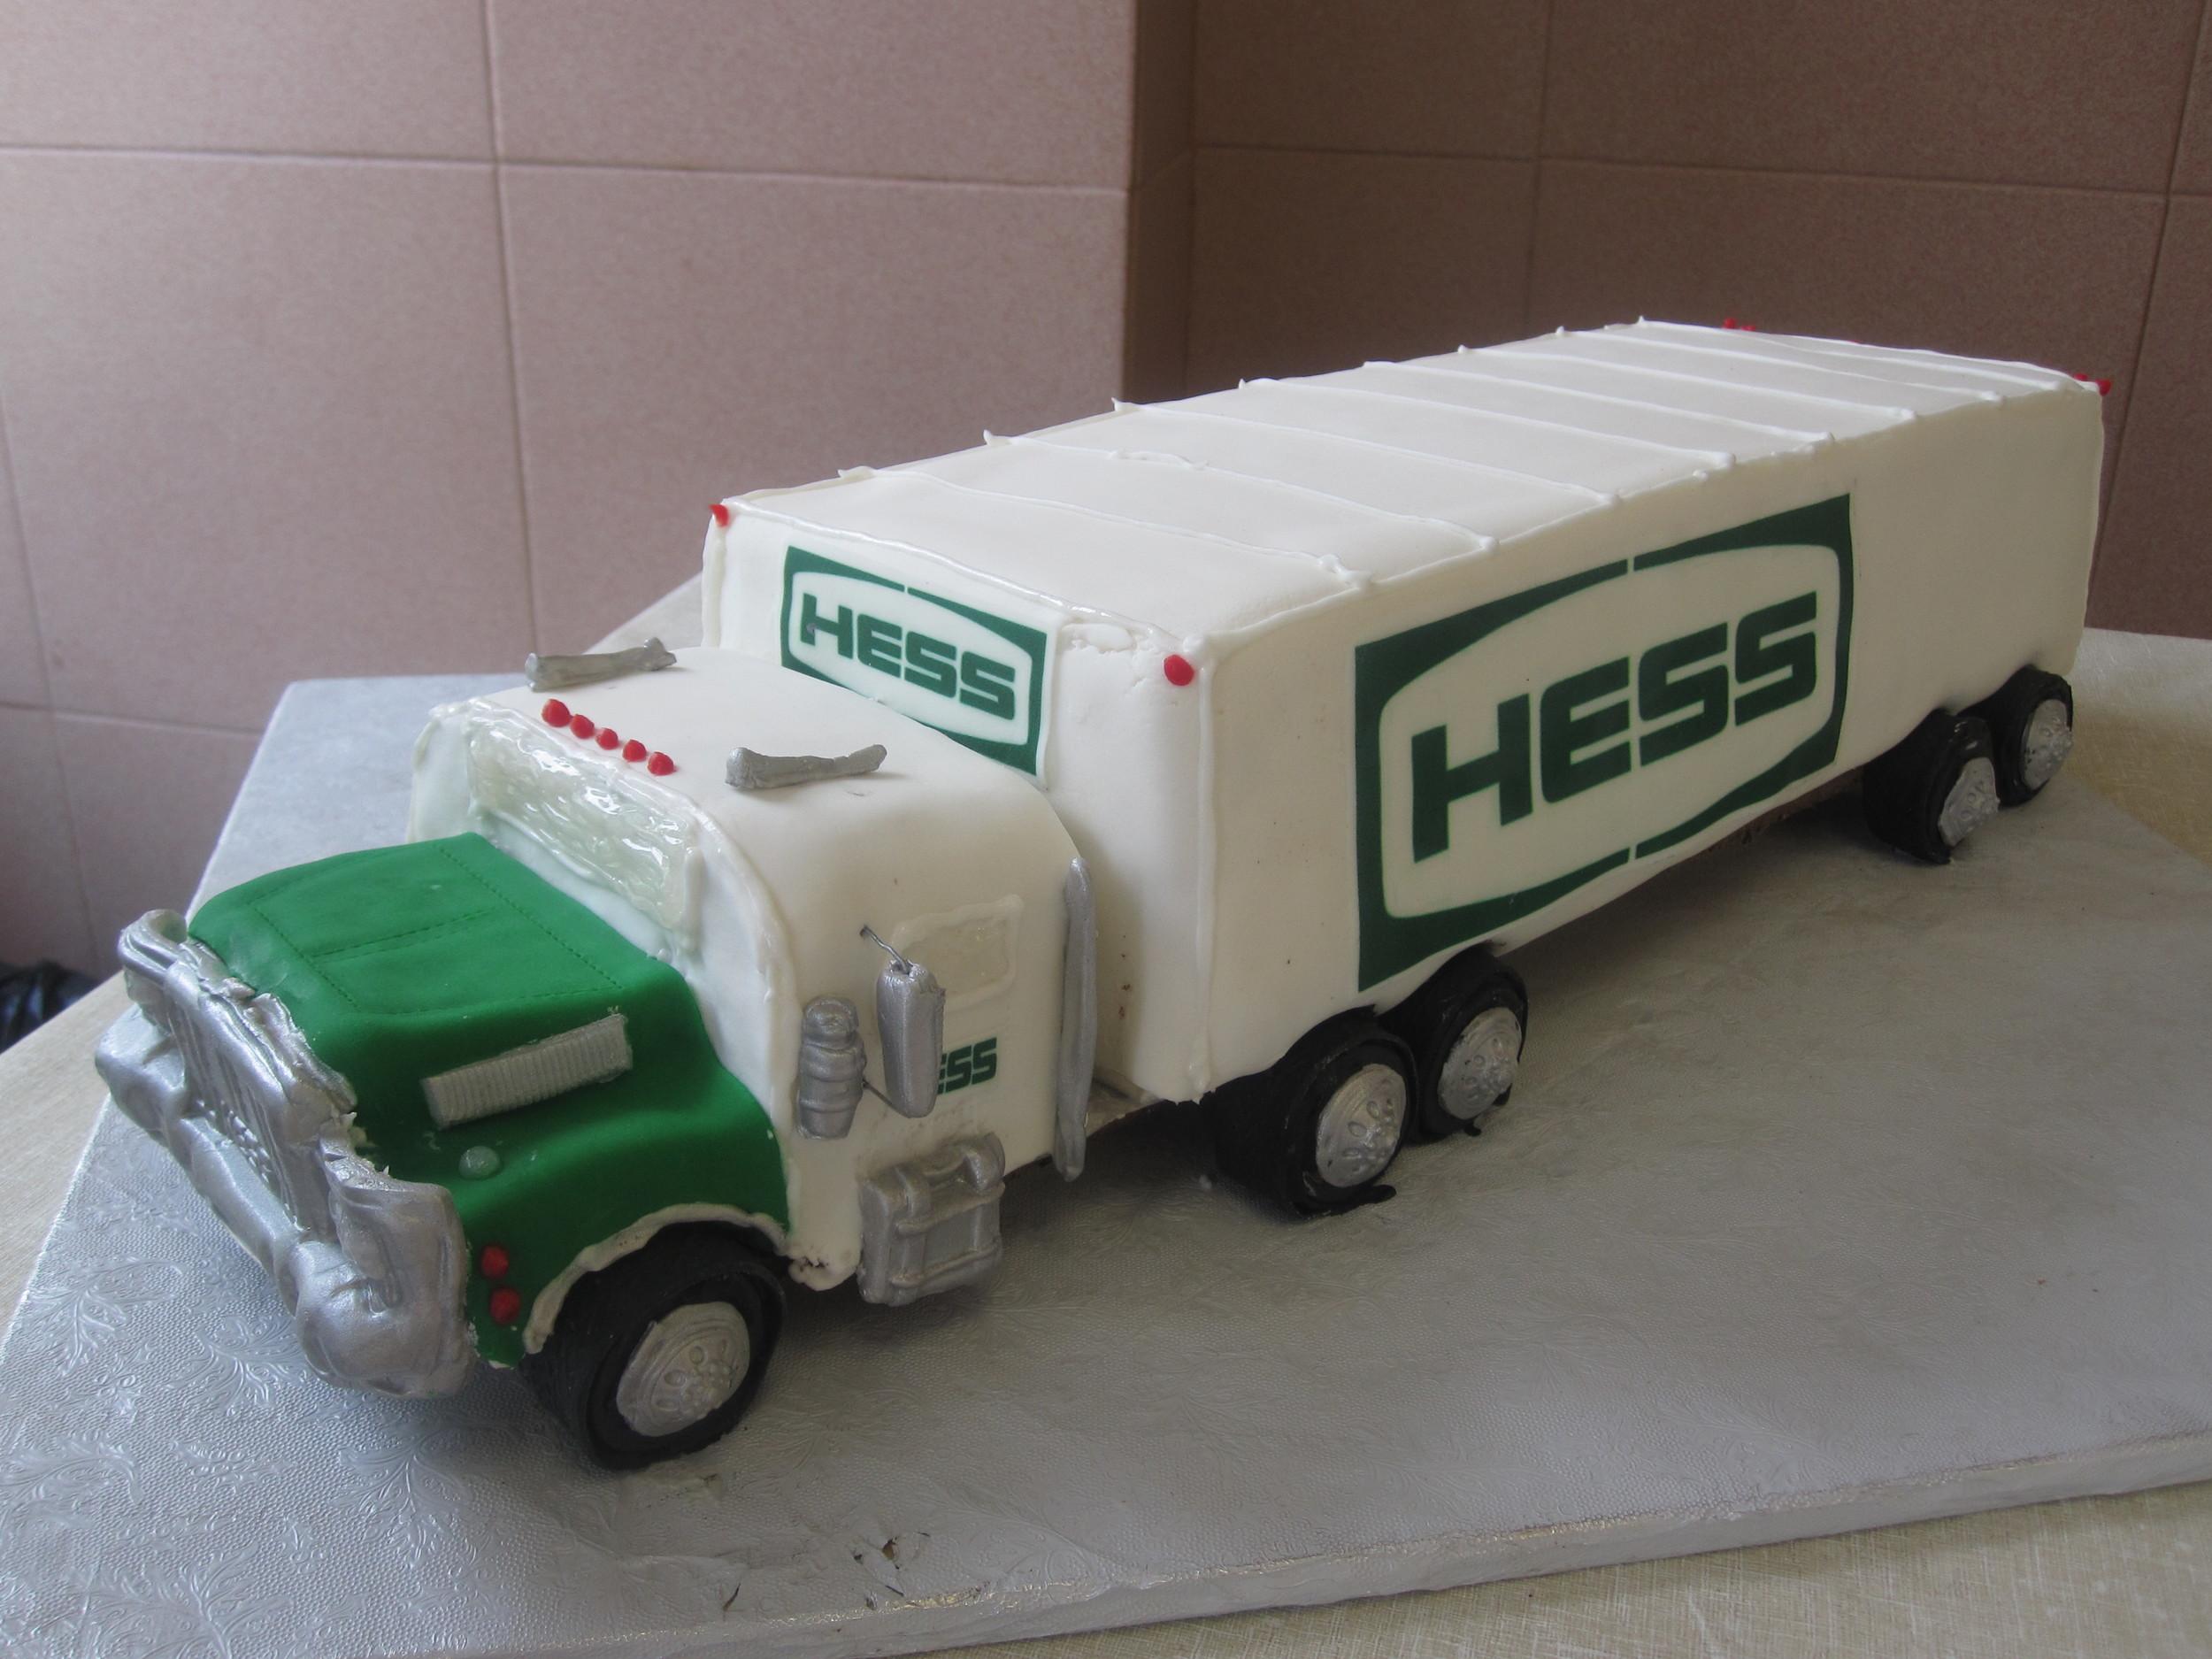 Hess Truck.JPG